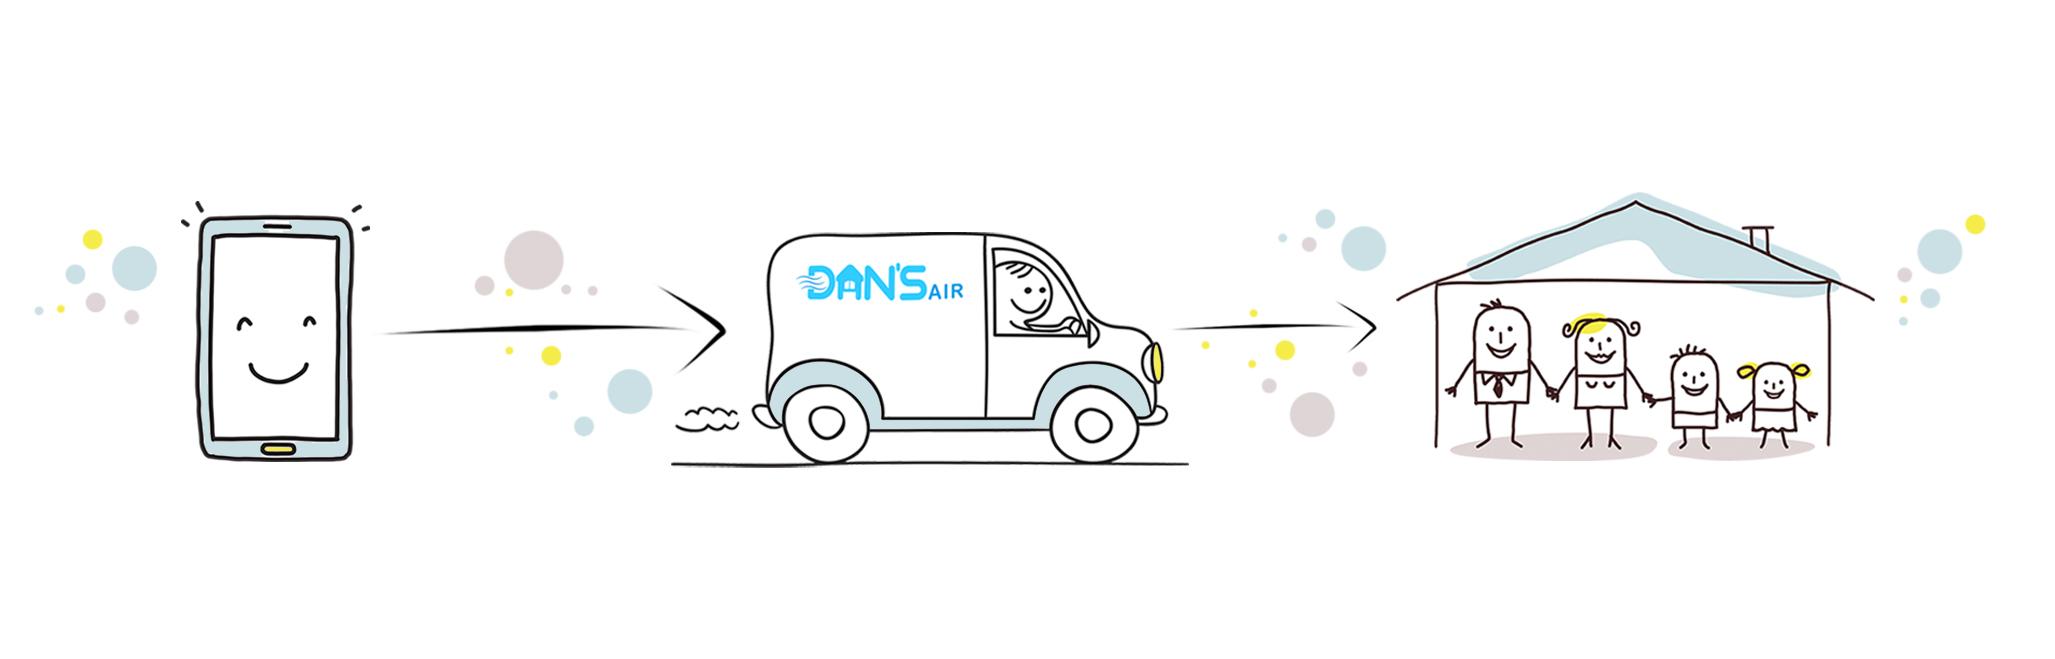 Dan's Air HVAC Service and Repair